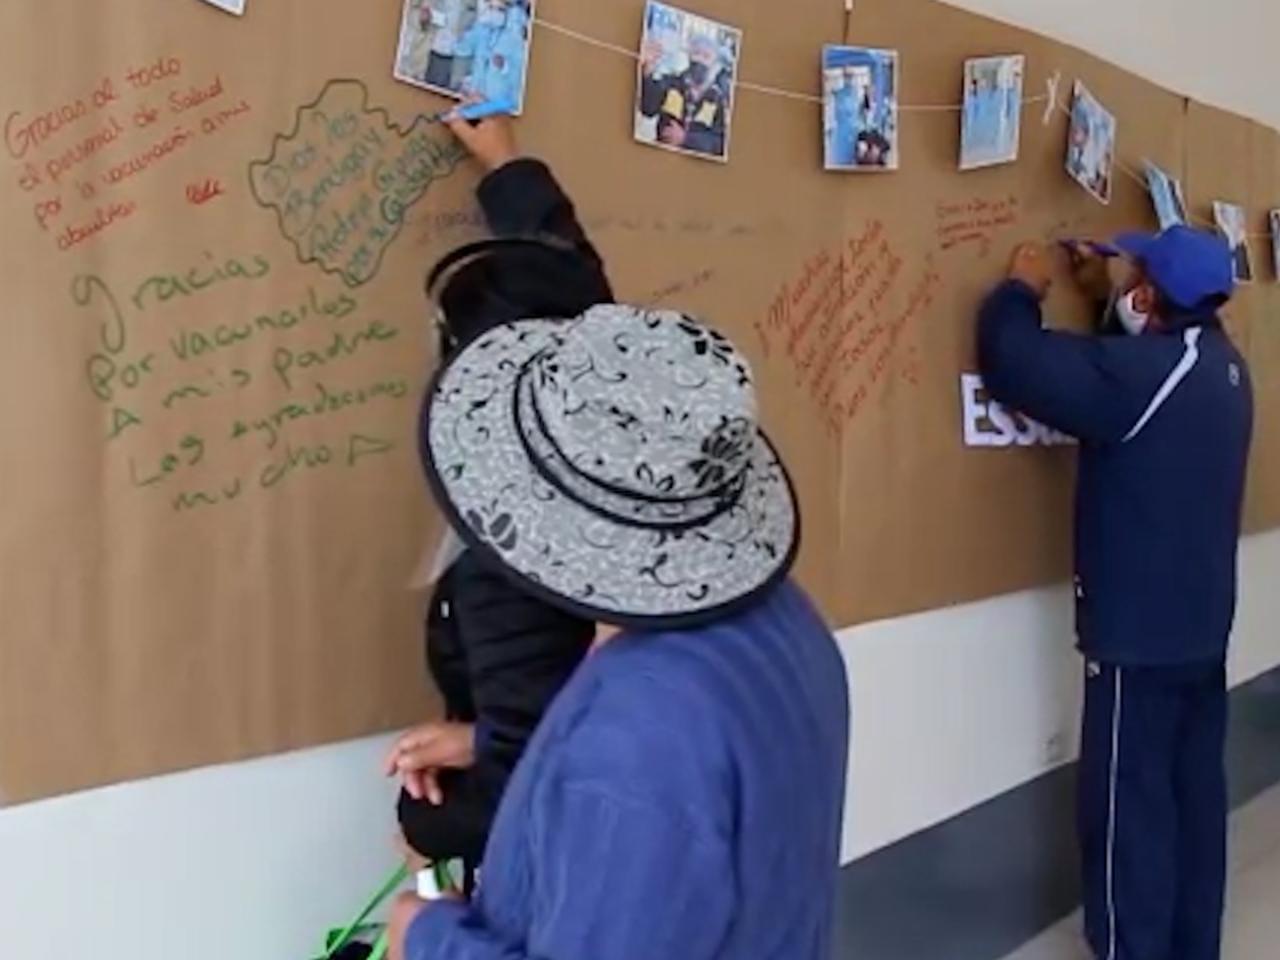 Essalud - EsSalud Tacna: adultos mayores dejan mensajes de gratitud en «Mural de la esperanza» tras ser vacunados contra la Covid-19